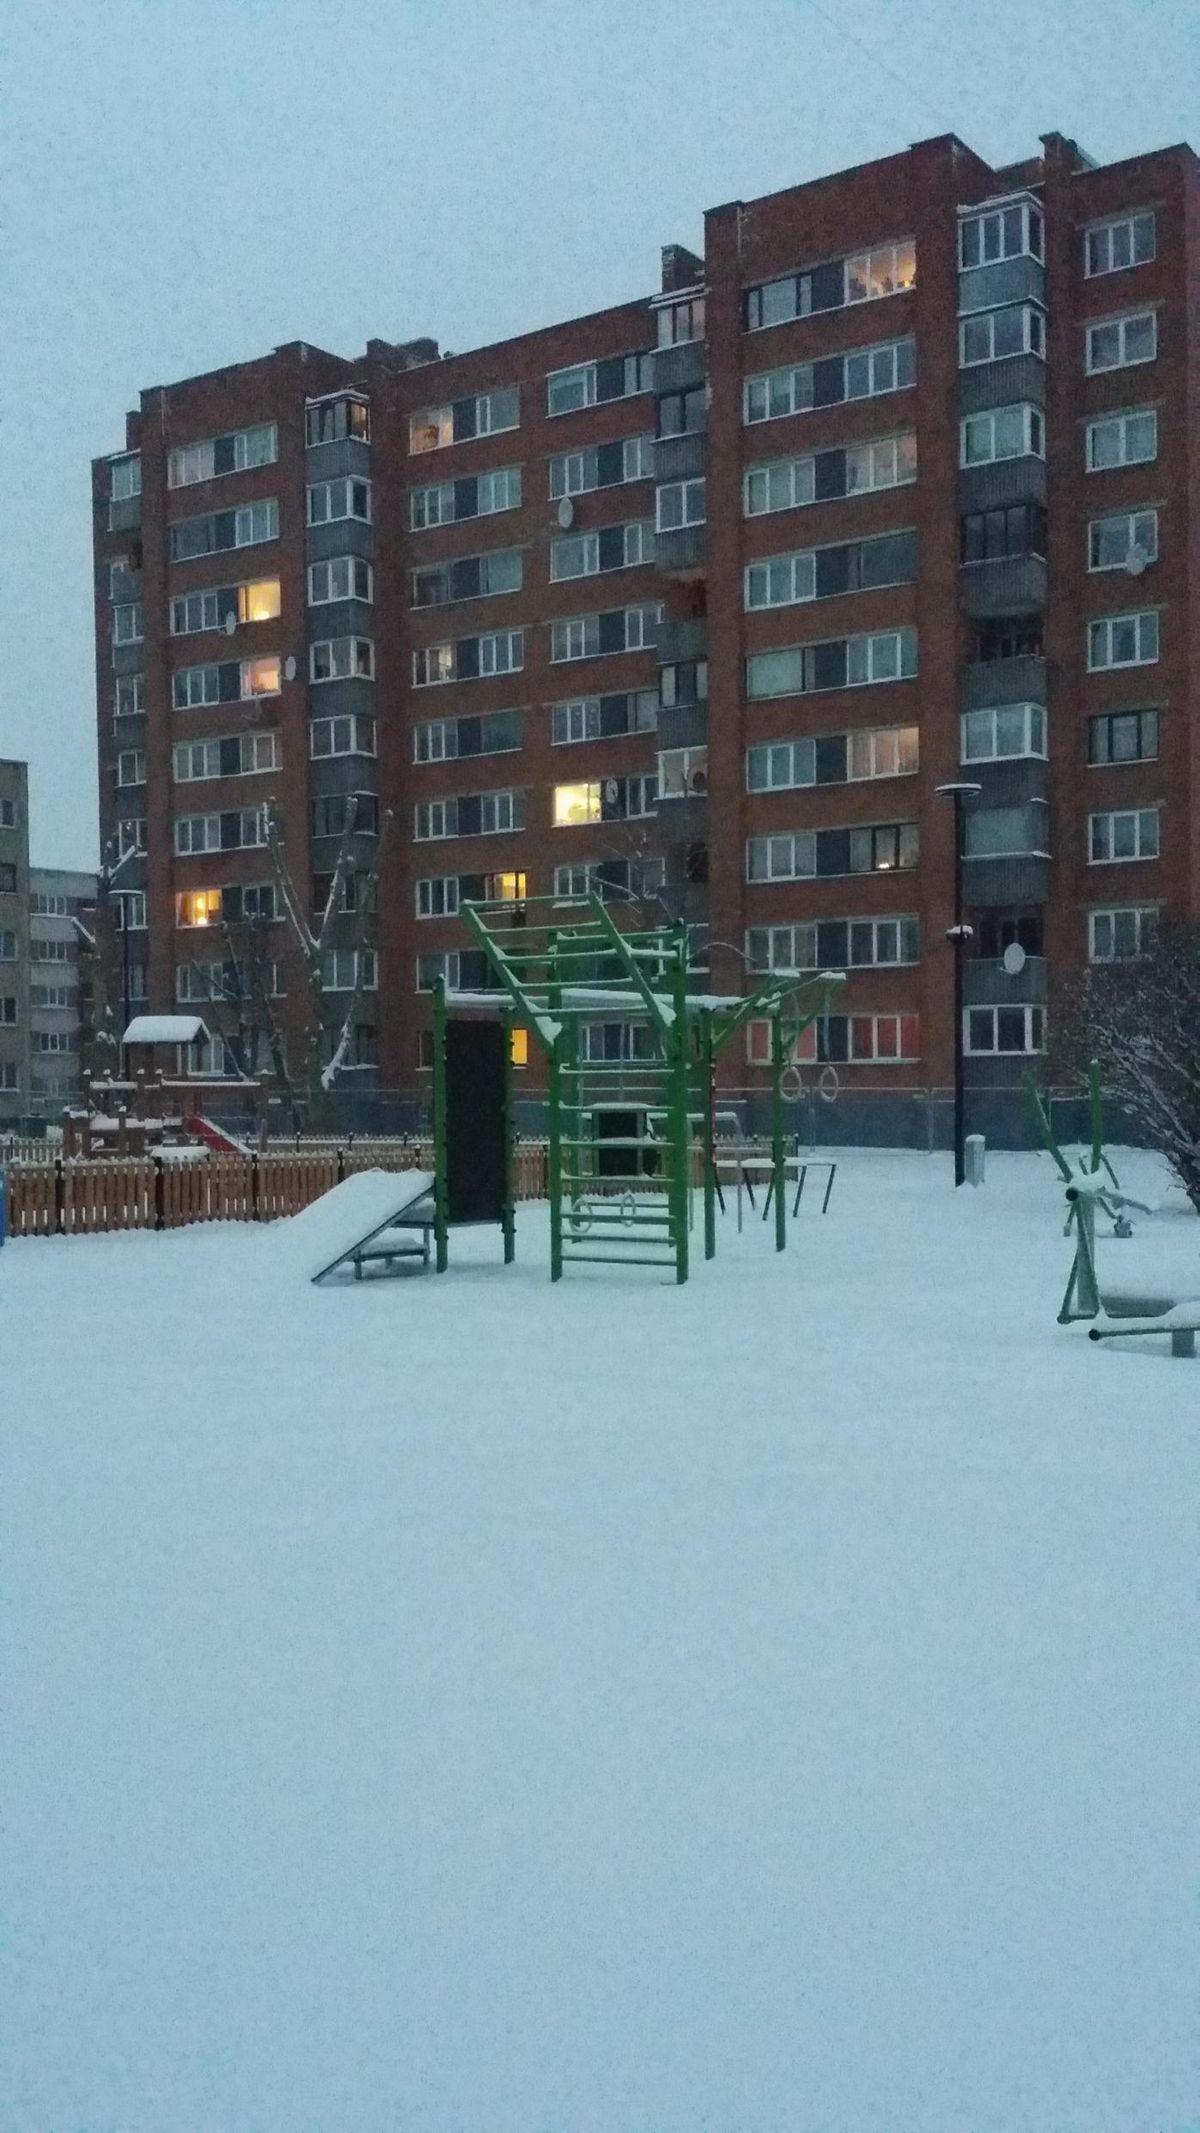 Kohtla-Järve - Street Workout Park - Põhja Allee